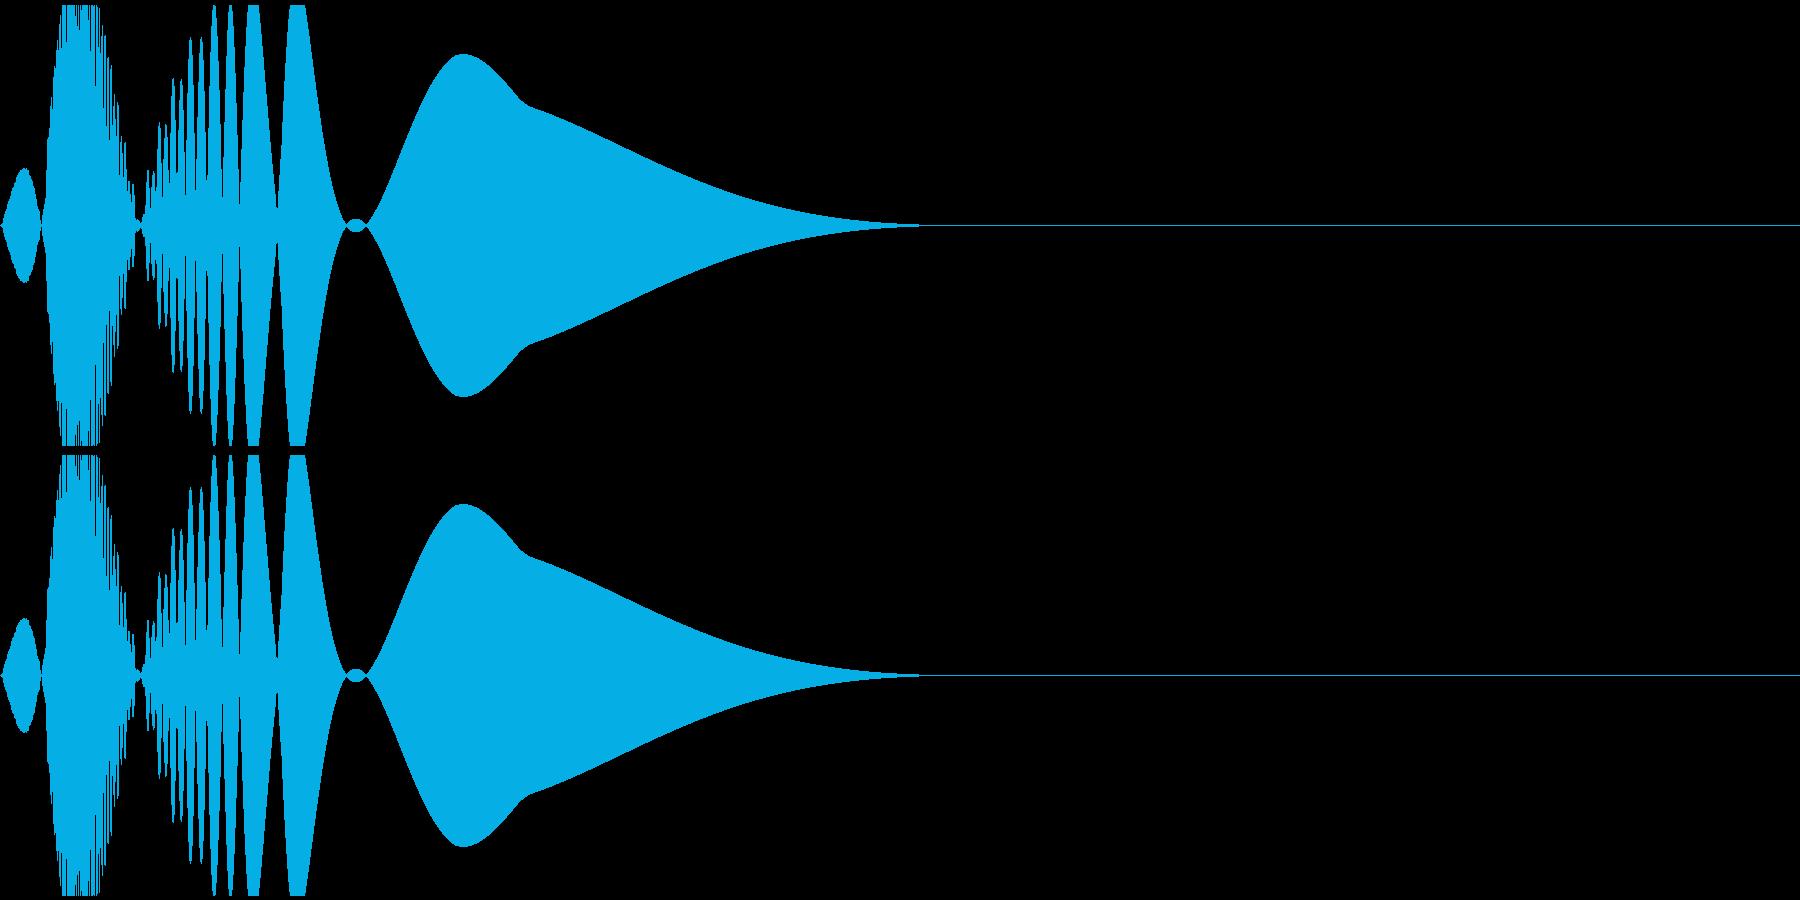 ピュン(ファミコン/キック/低音/ドラムの再生済みの波形